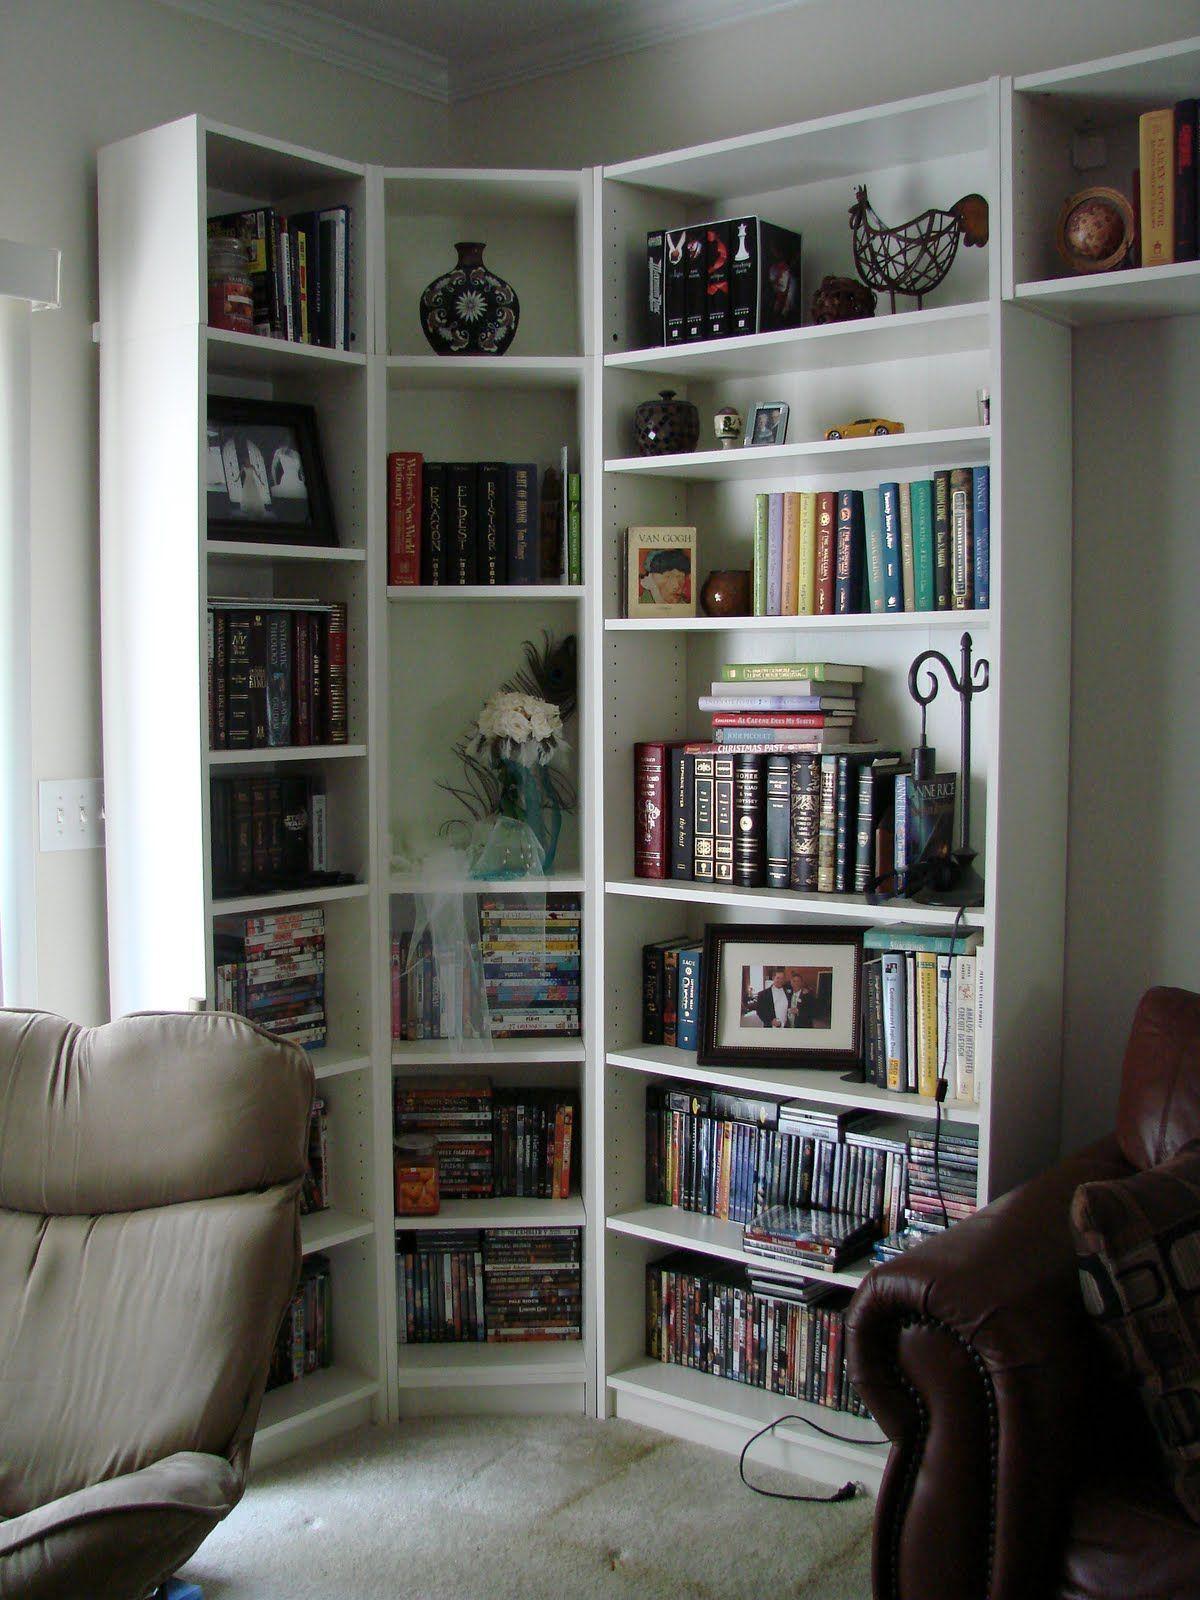 101+ DIY Floating Shelves, bookshelf, and Wall Shelves